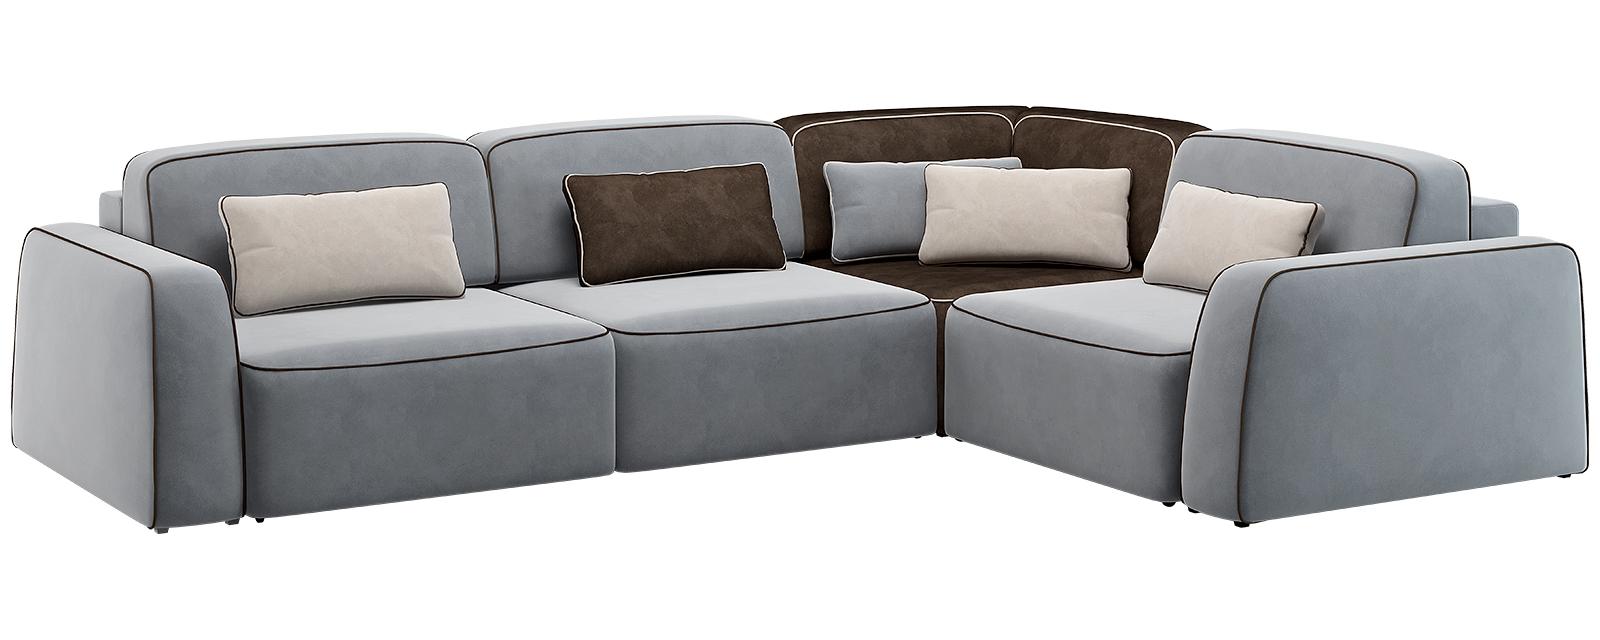 Модульный диван Портленд 350 см Вариант №3 Velutto серый/тёмно-коричневый (Велюр)